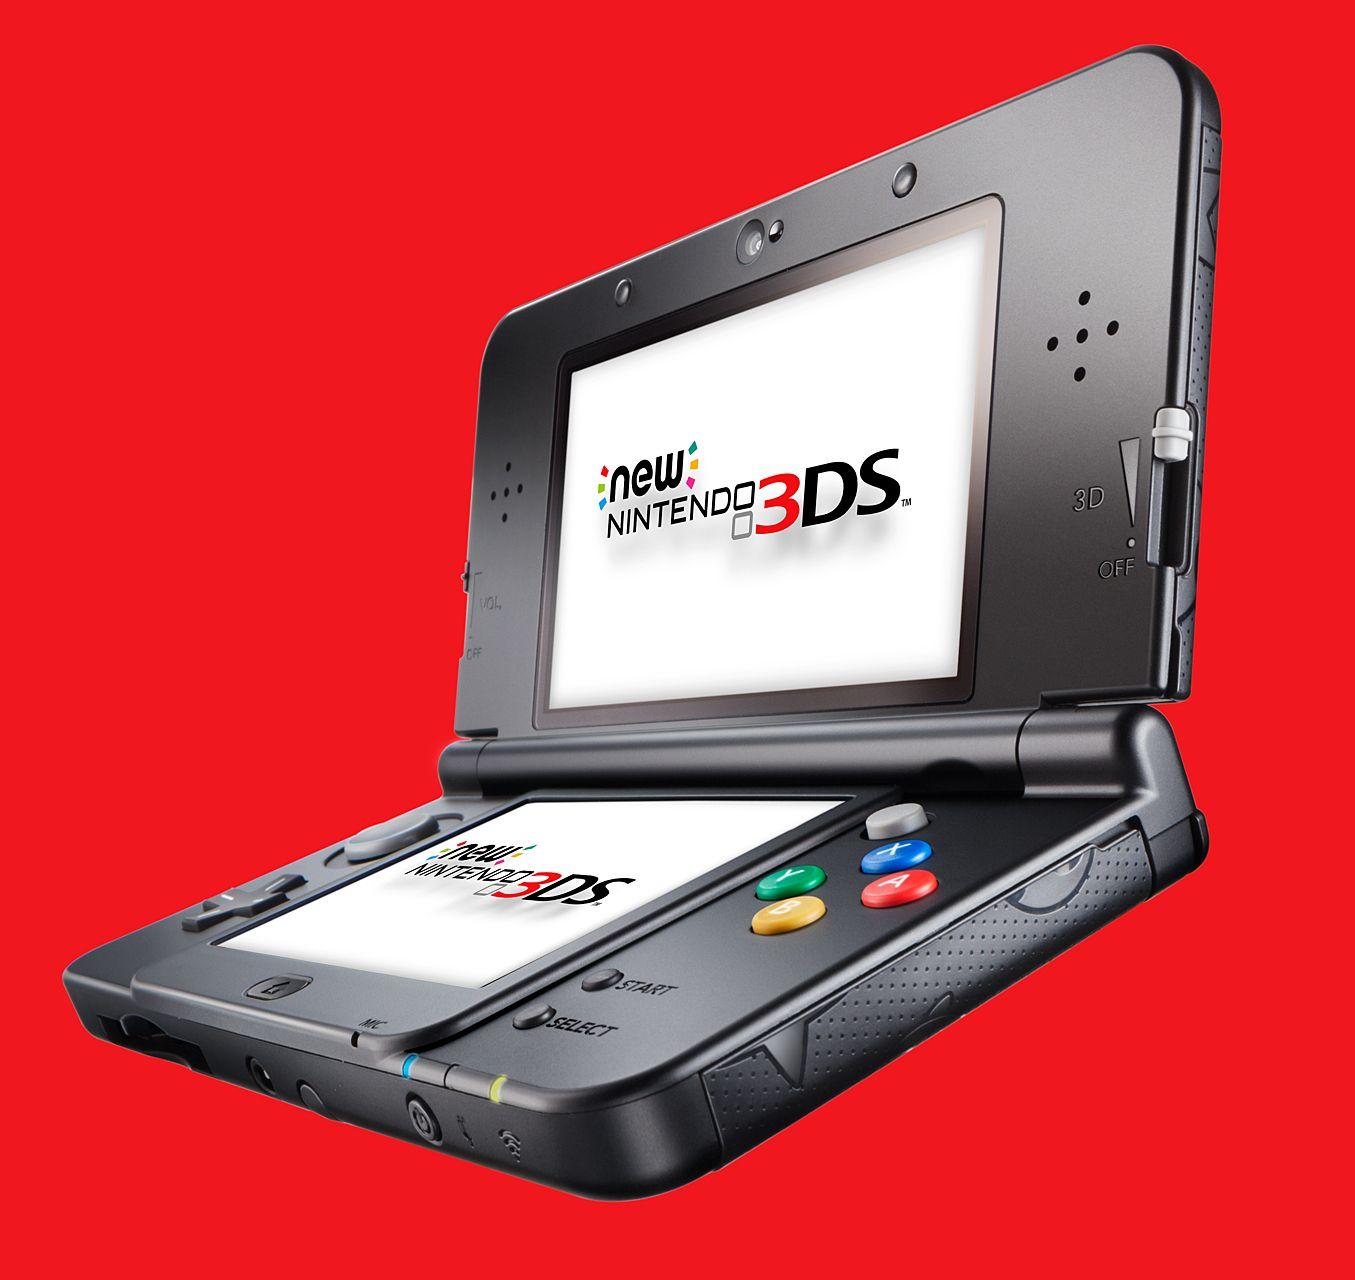 Nintendo_3DS_black.jpg